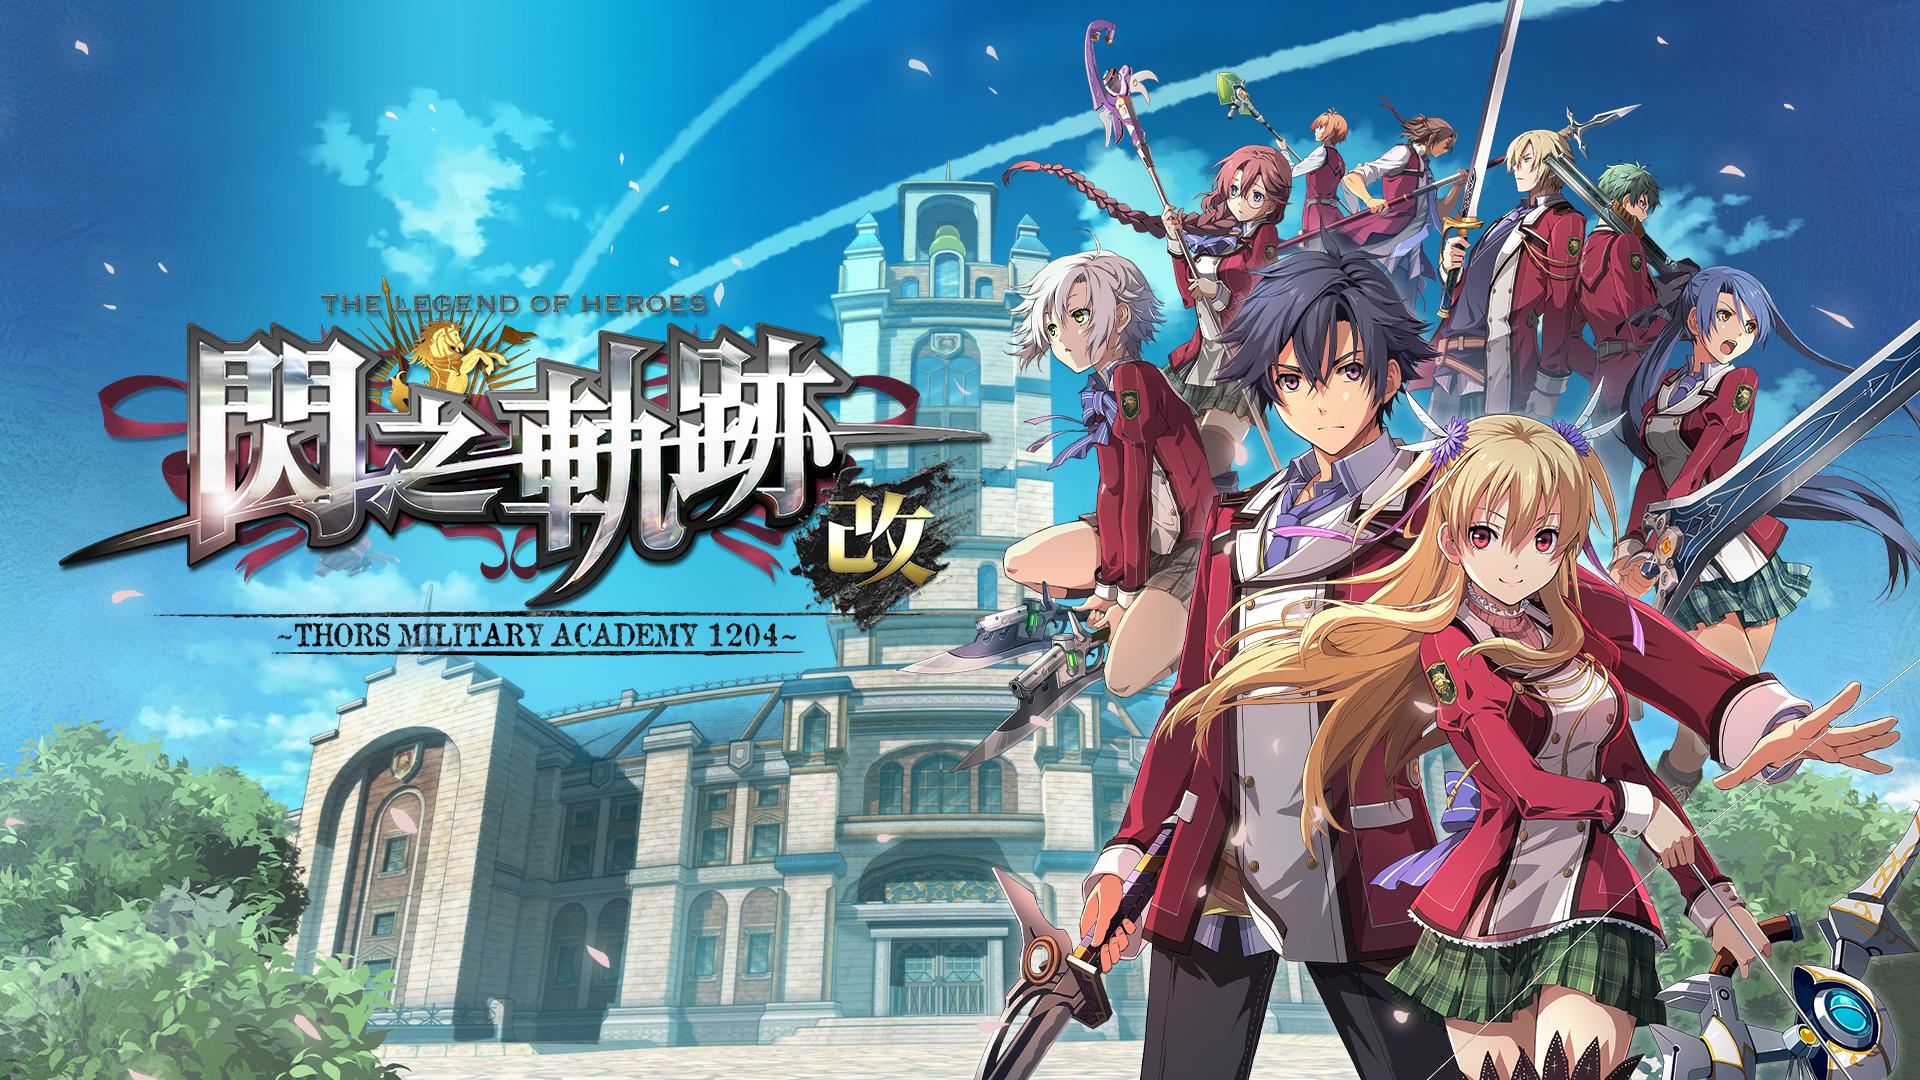 The Legend of Heroes: Sen no Kiseki I KAI -Thors Military Academy 1204-